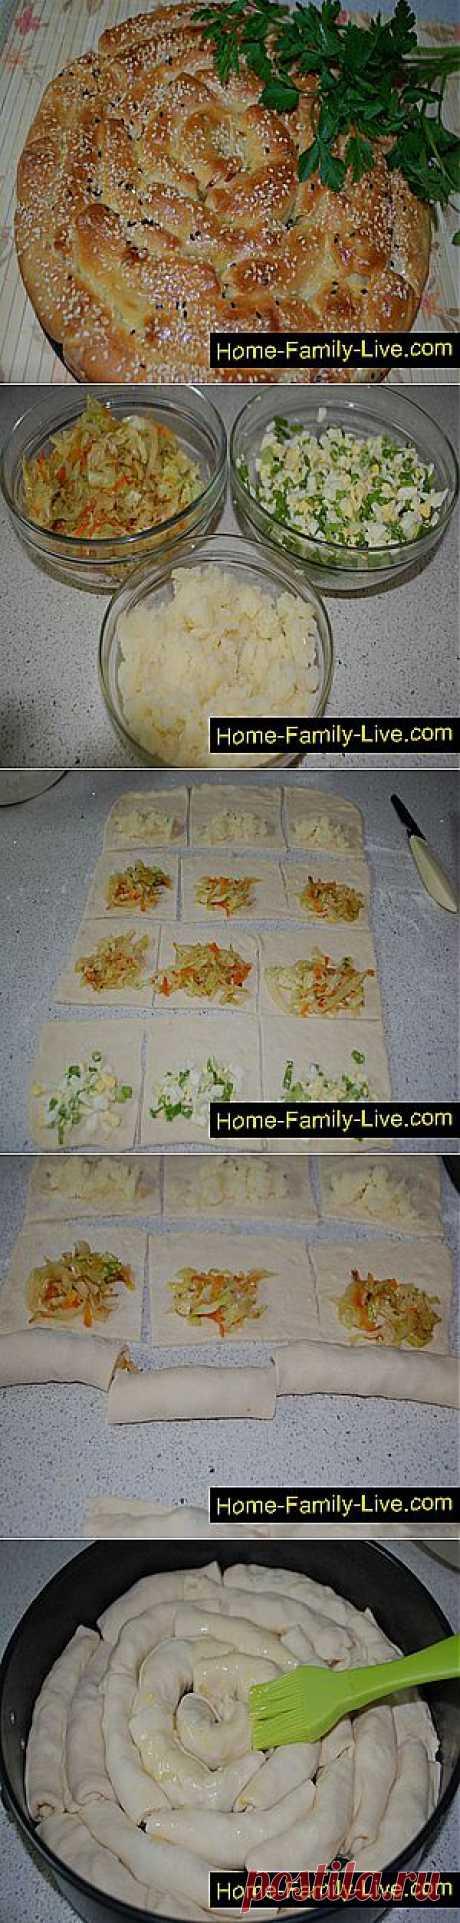 Las recetas de cocina del Piraguas el caracol - poshagovyy la fotoreceta - el pastel la sorpresa con los rellenos diferentes